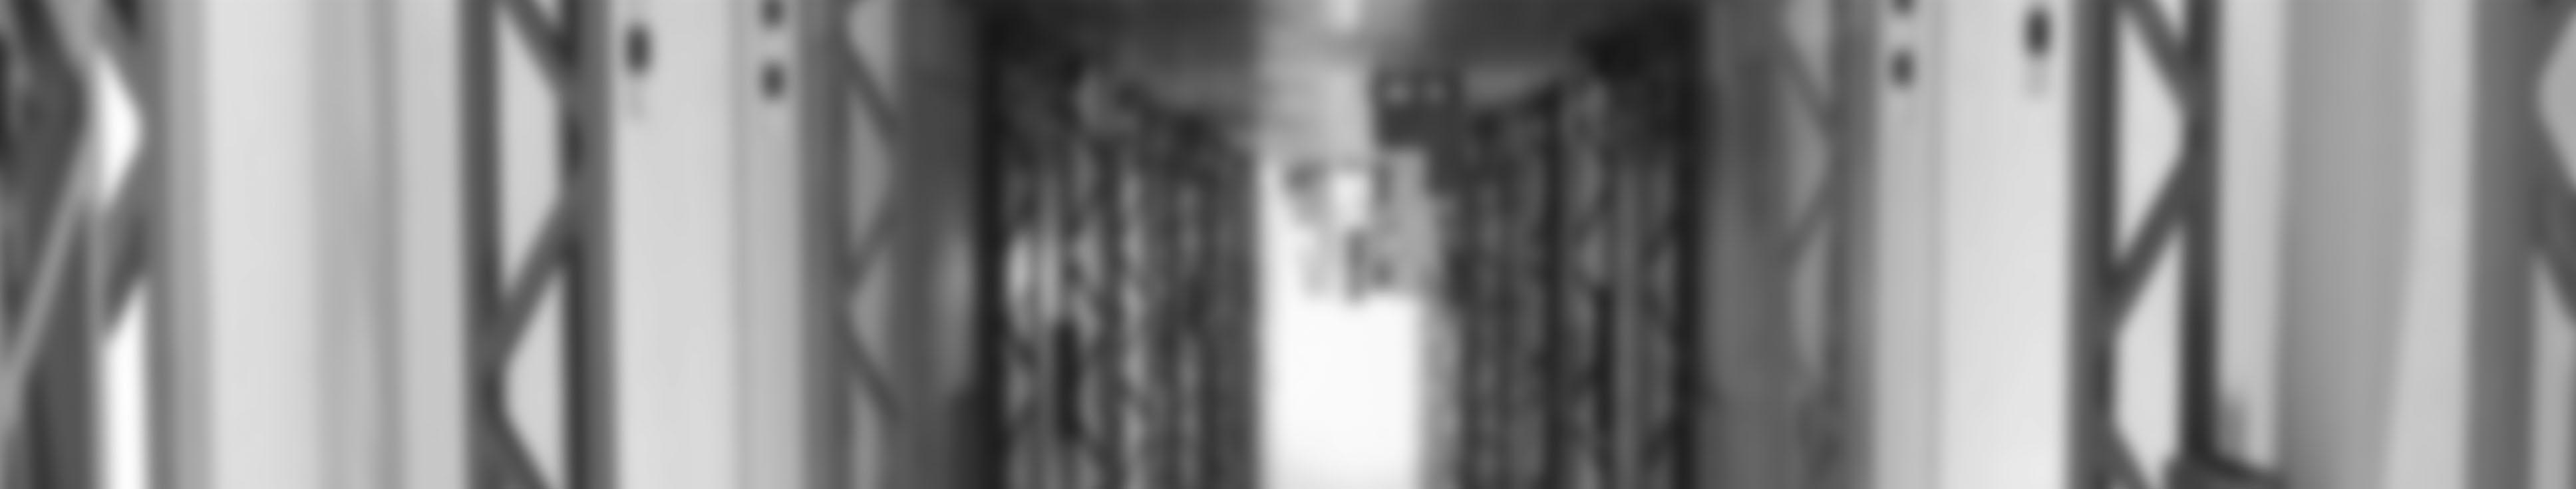 tunelf11-2-copia